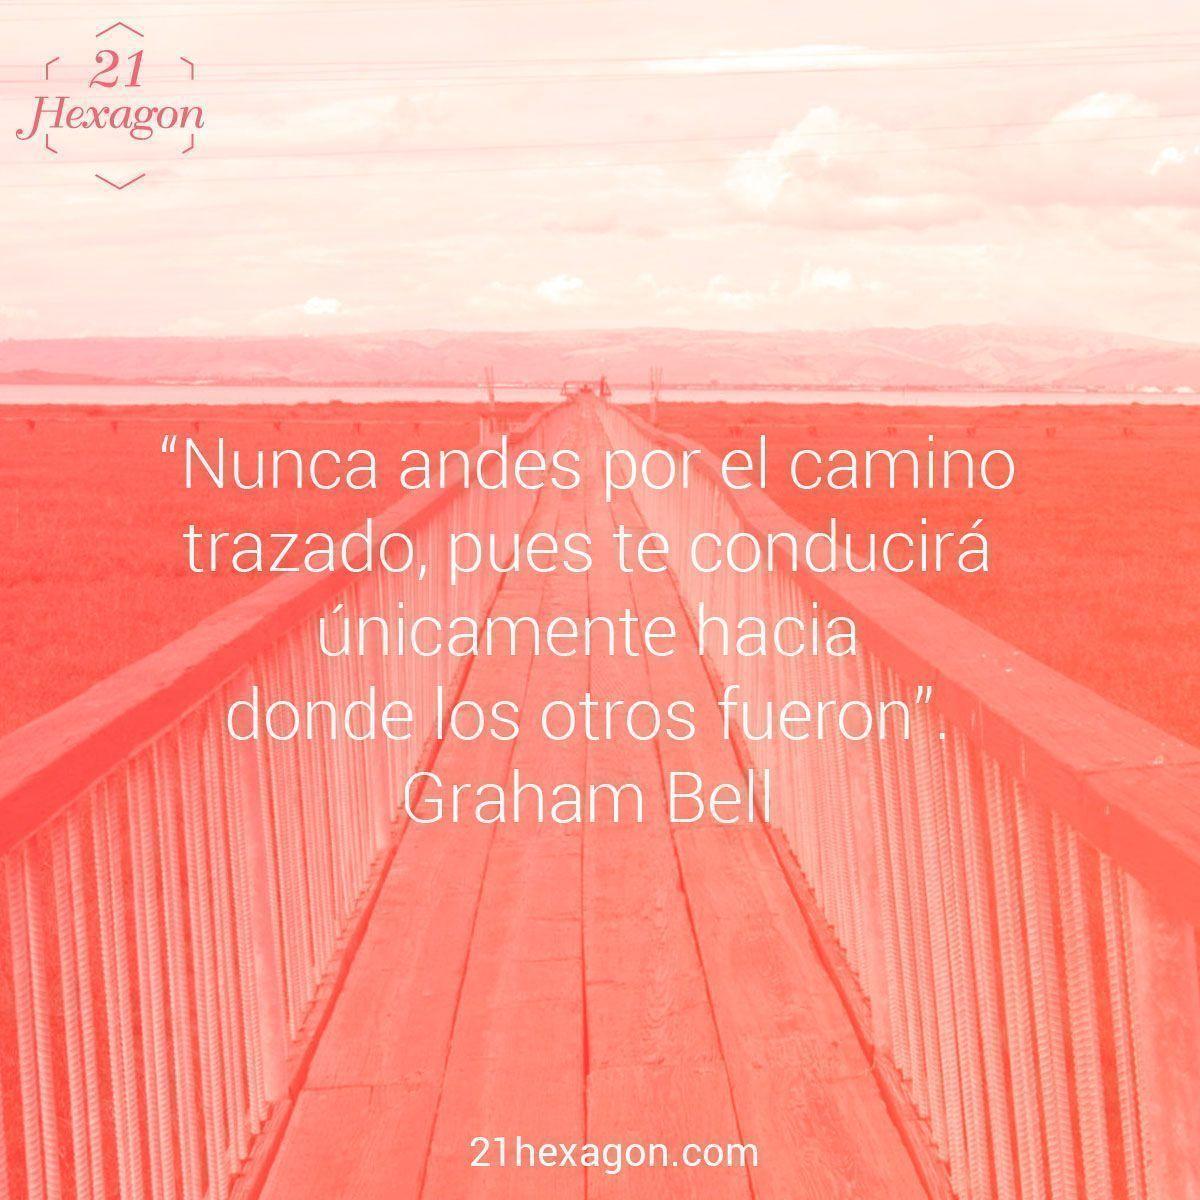 quotes_21hexagon_21.jpg